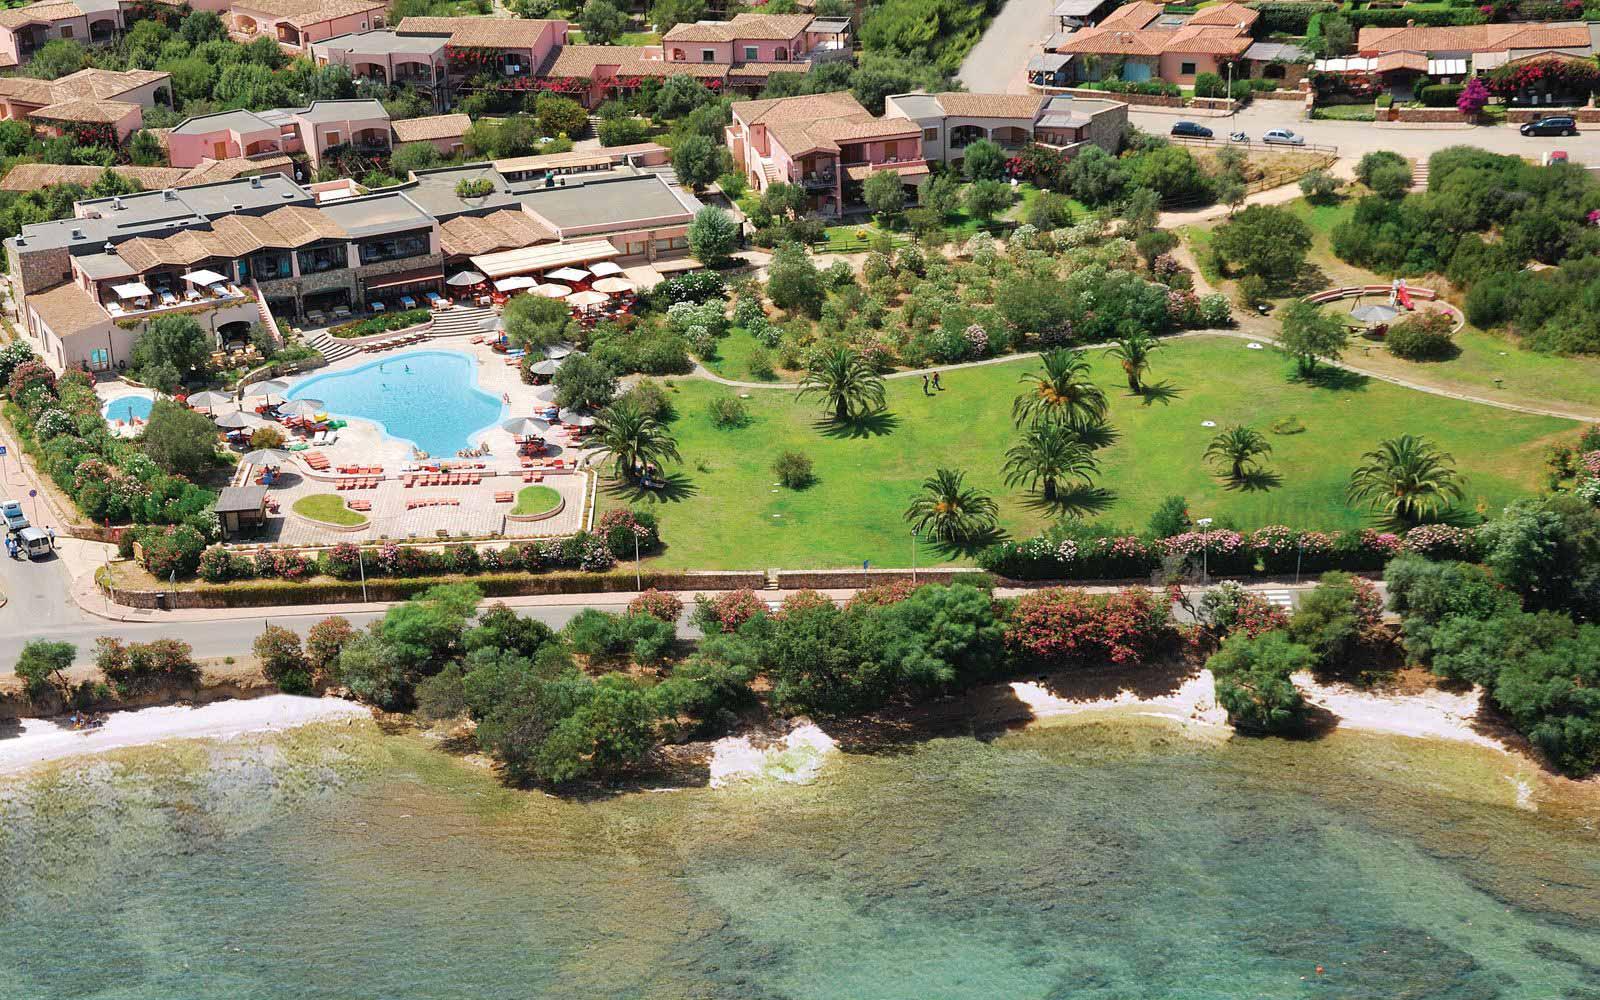 Panoramic view of Resort Cala di Falco